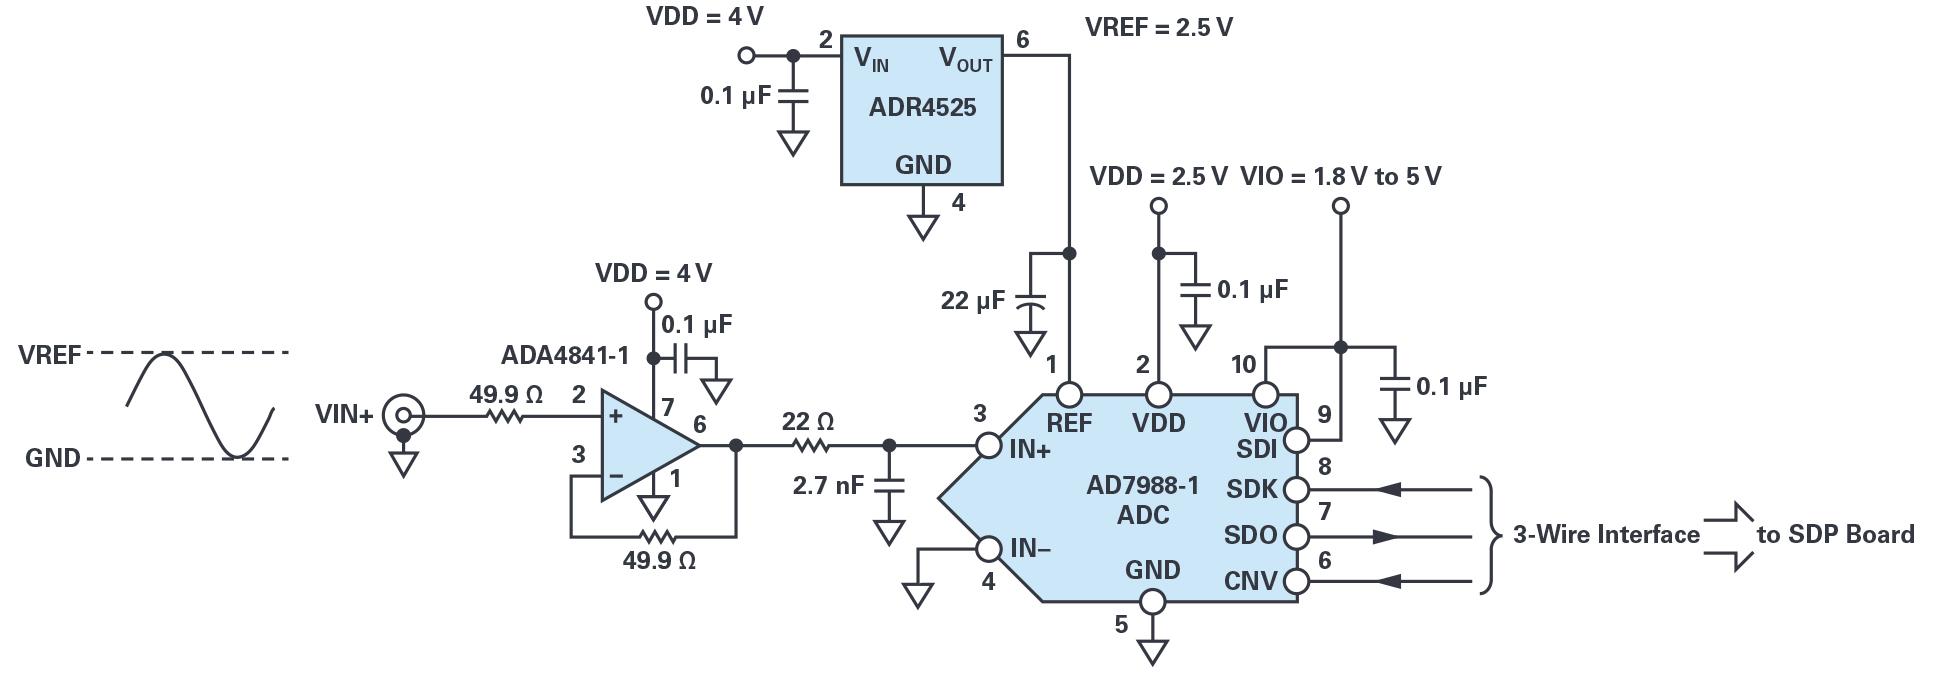 我的电压参考源设计是否对湿度敏感?控制精密模拟系统湿度和性能的方法